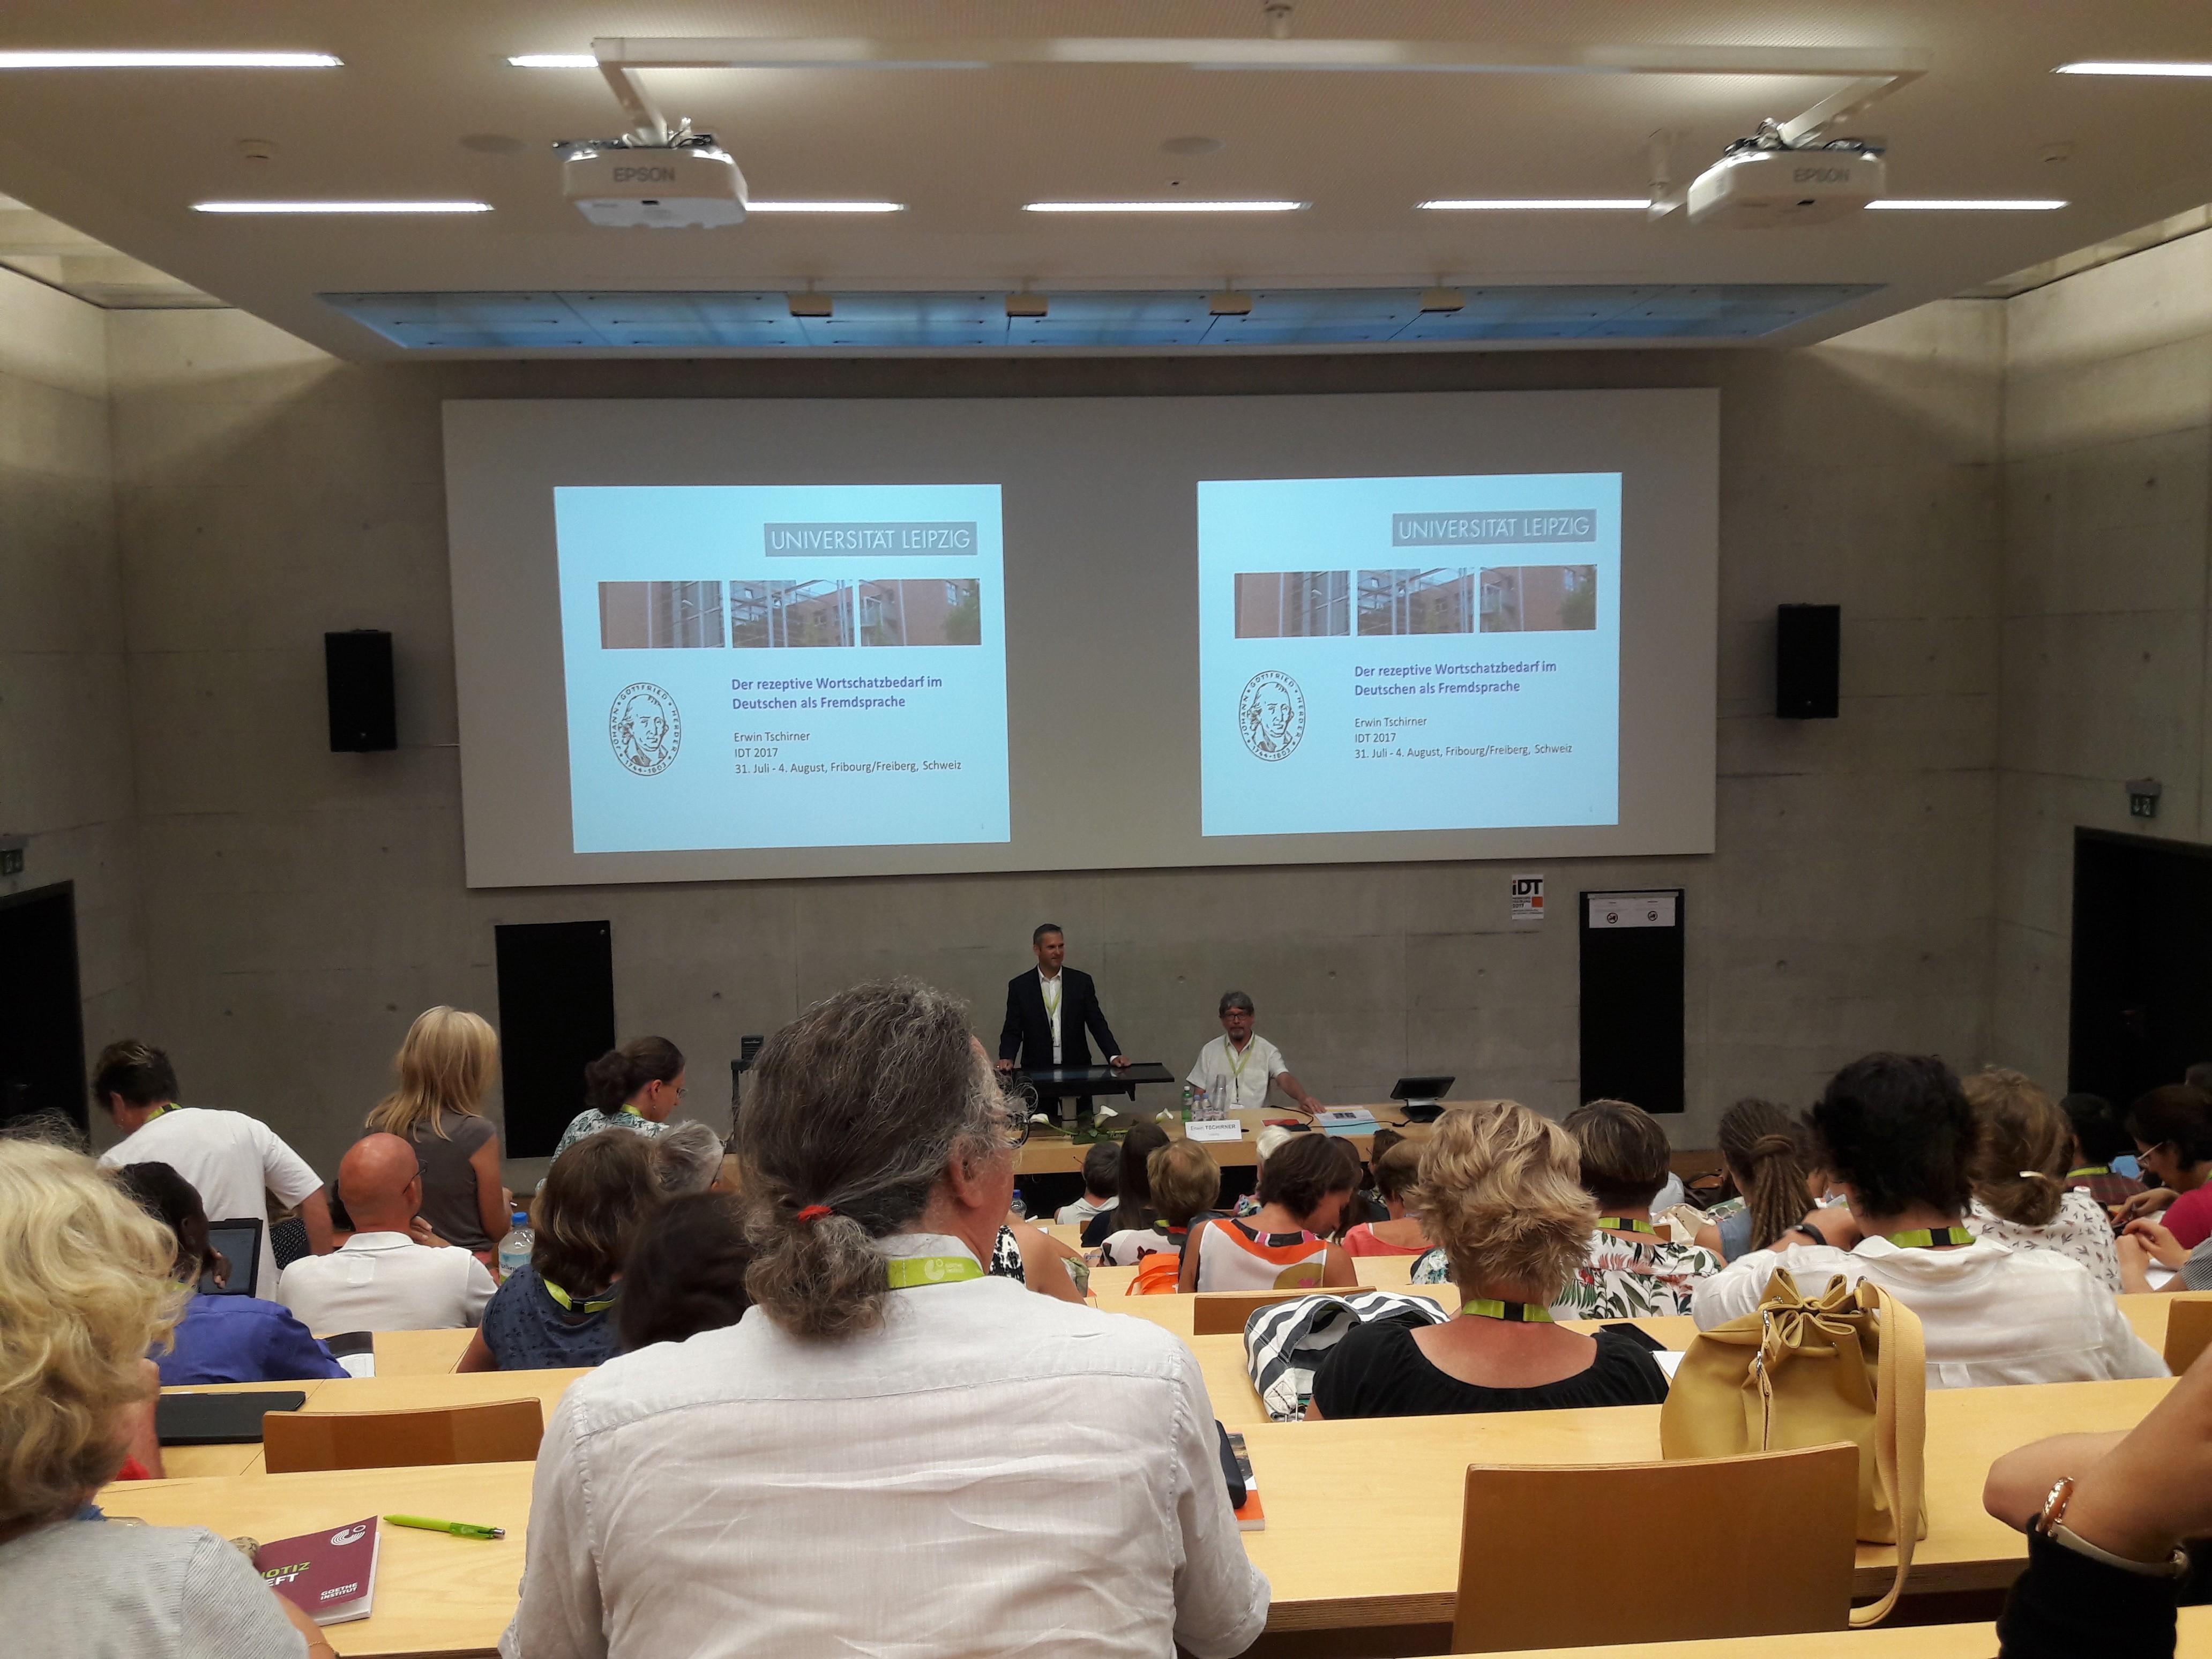 Internationale DeutschlehrerInnen-Tagung 2017